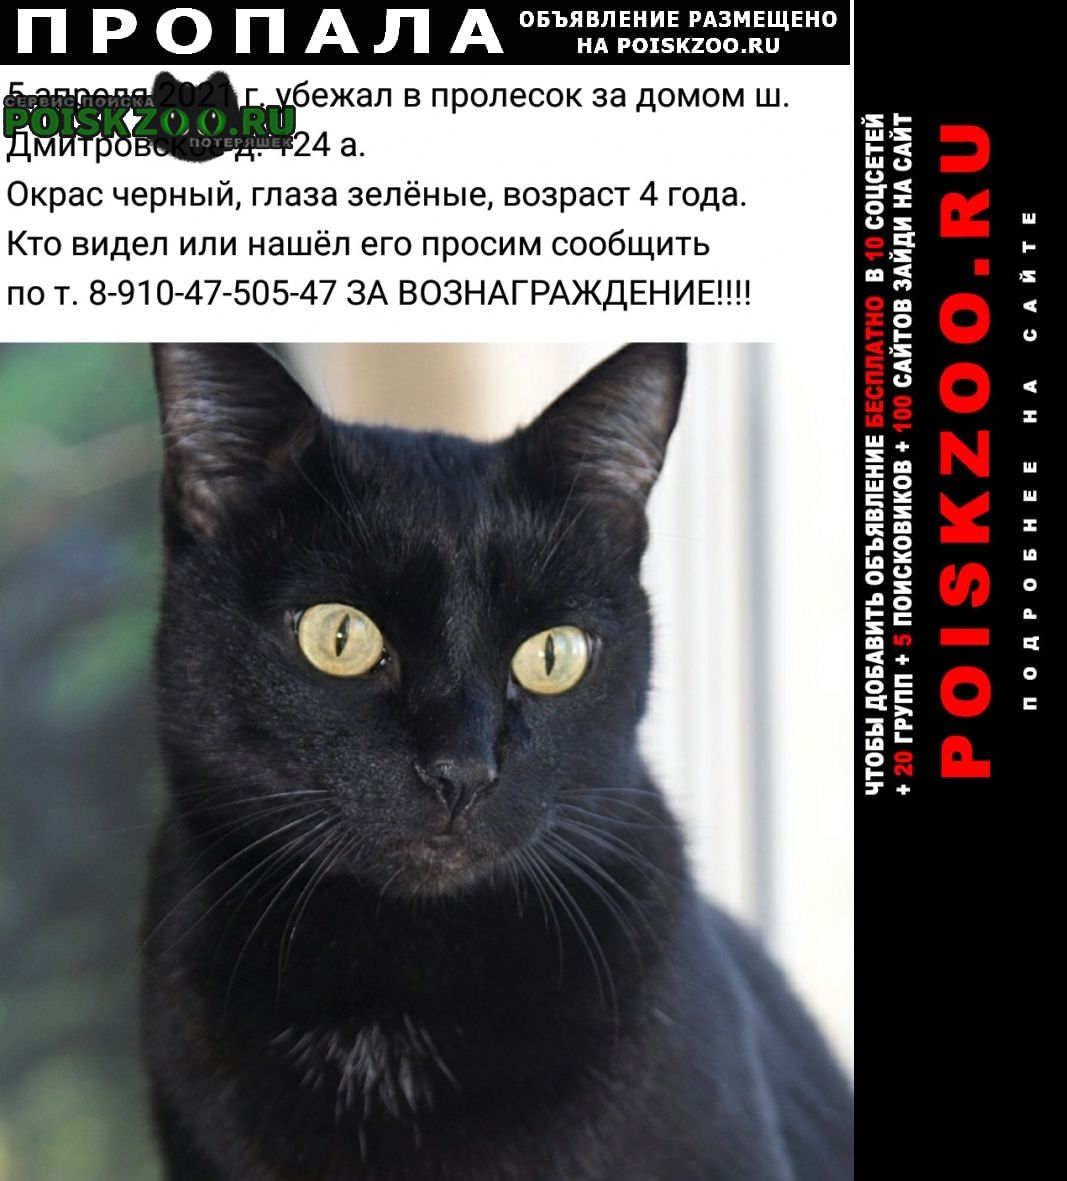 Москва Пропал кот просим помощи в поисках